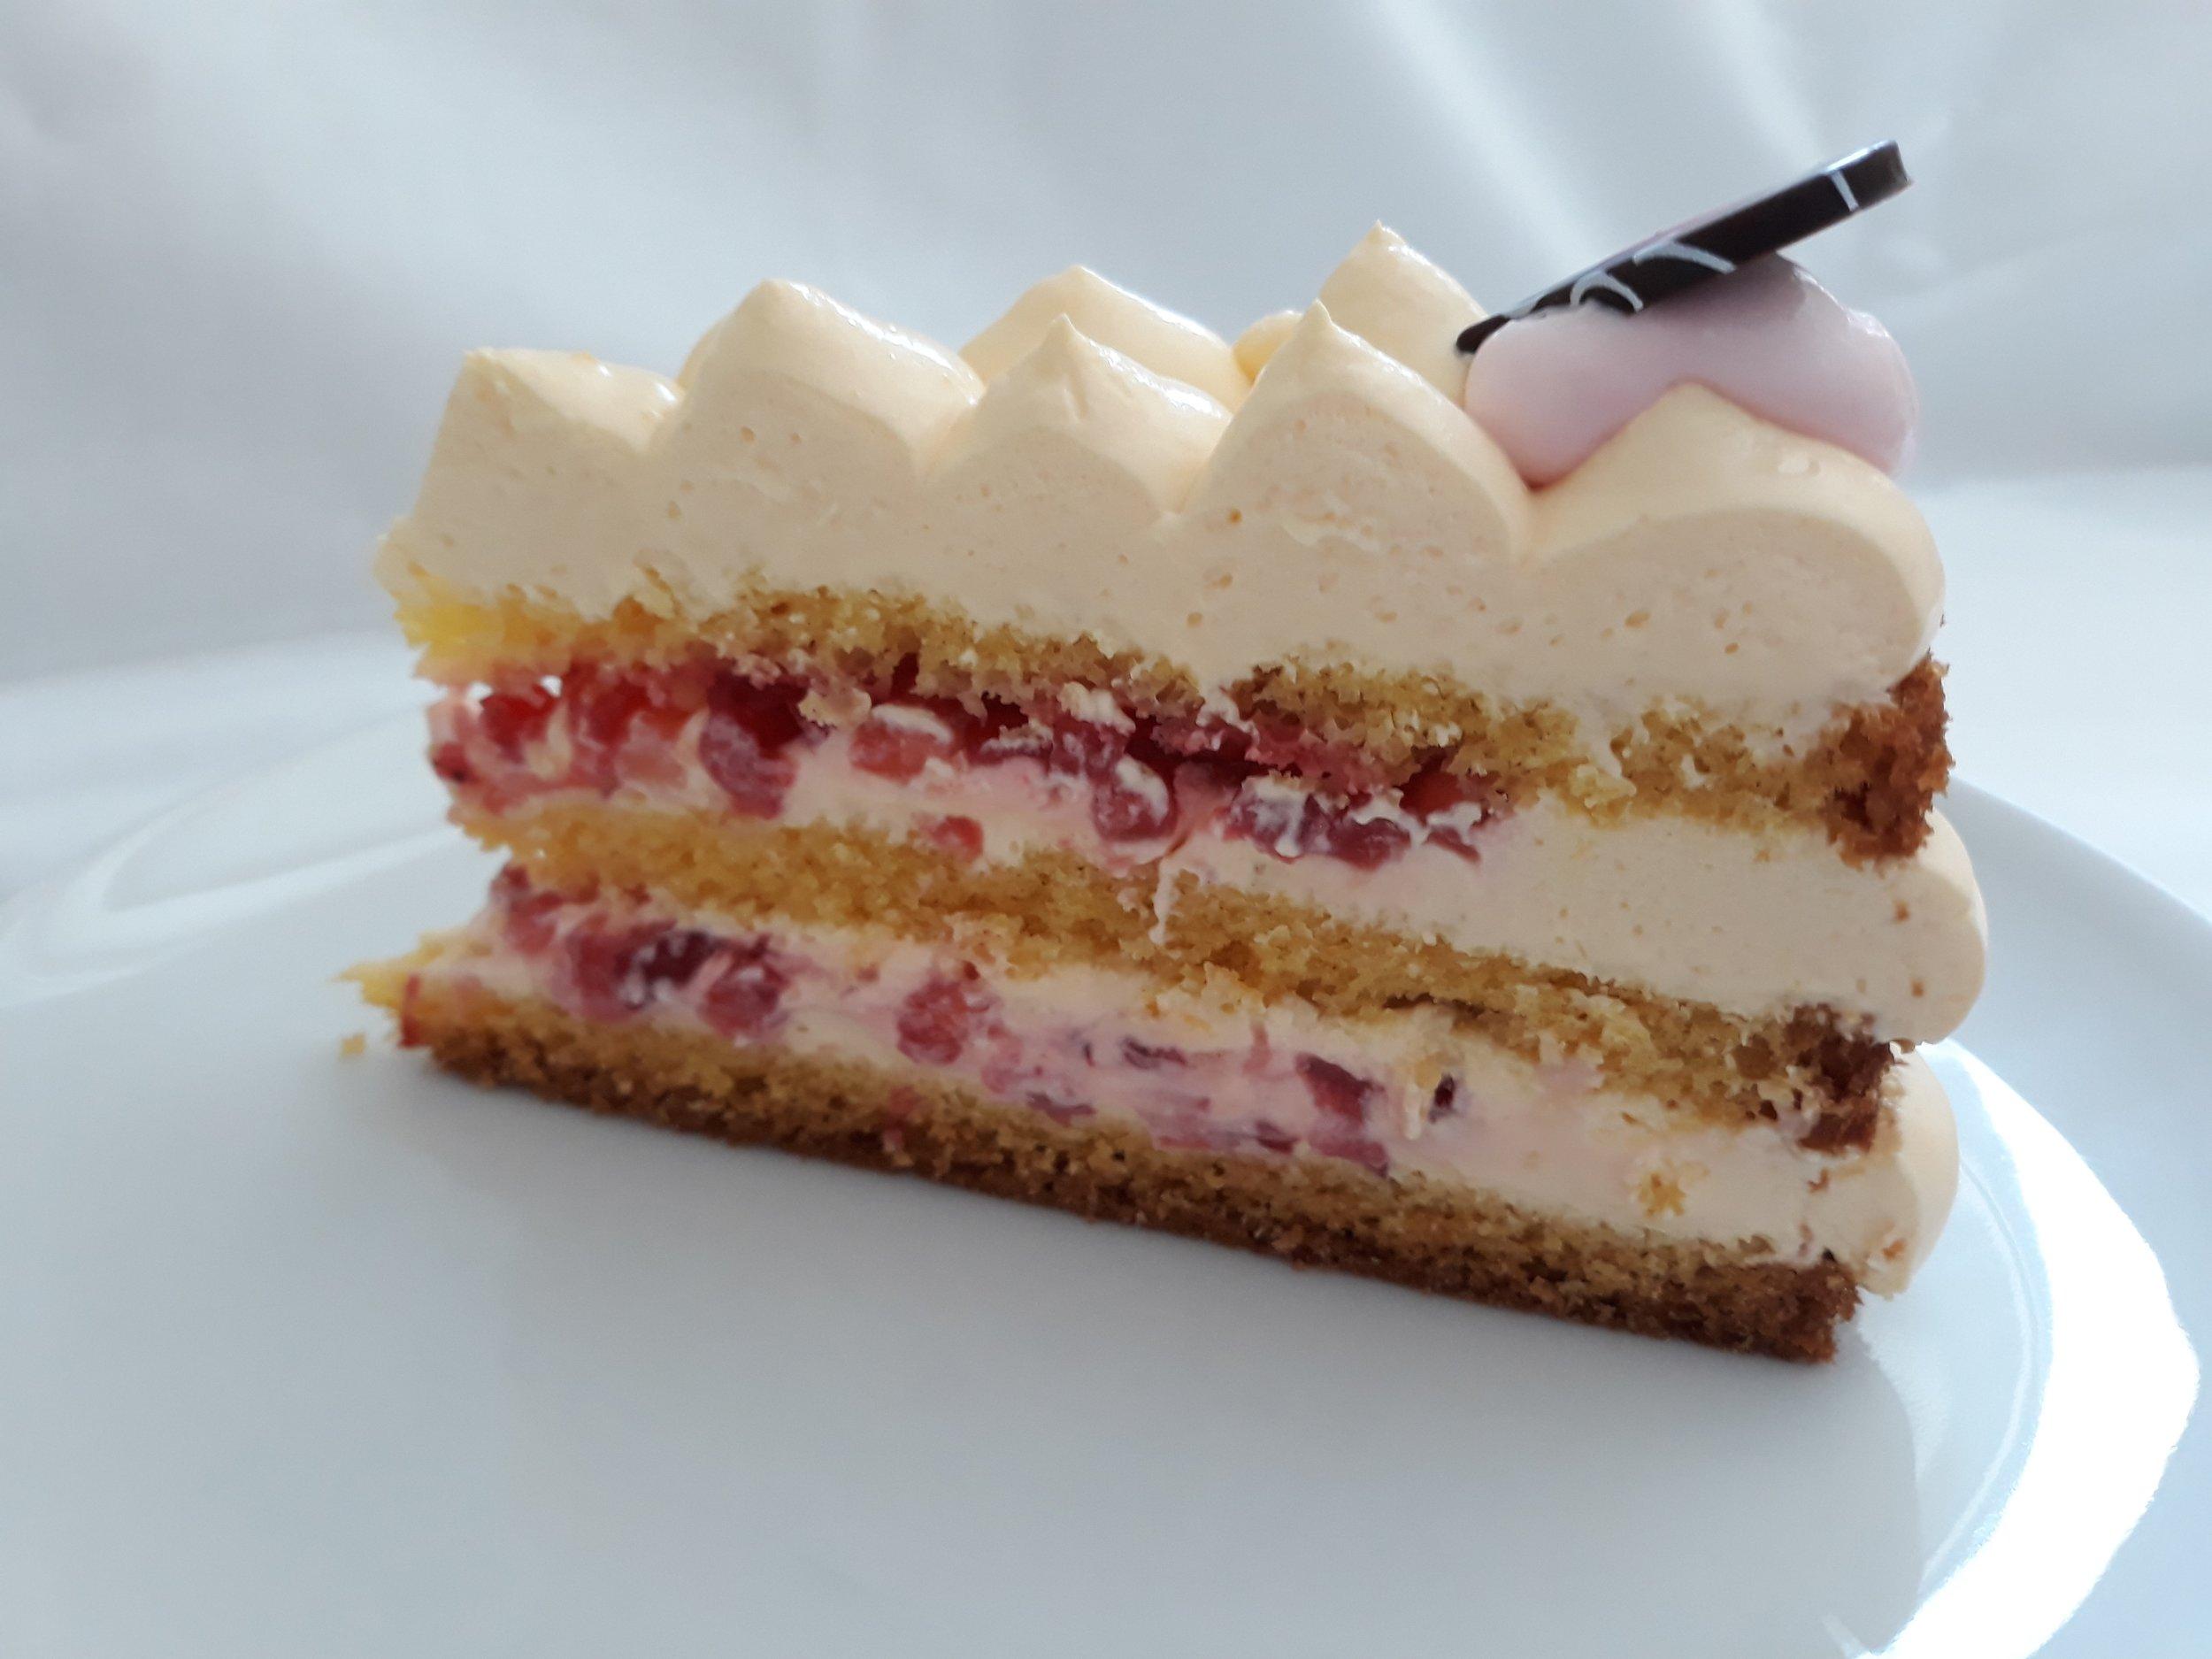 Vanille-Erdbeer-Torte.jpg